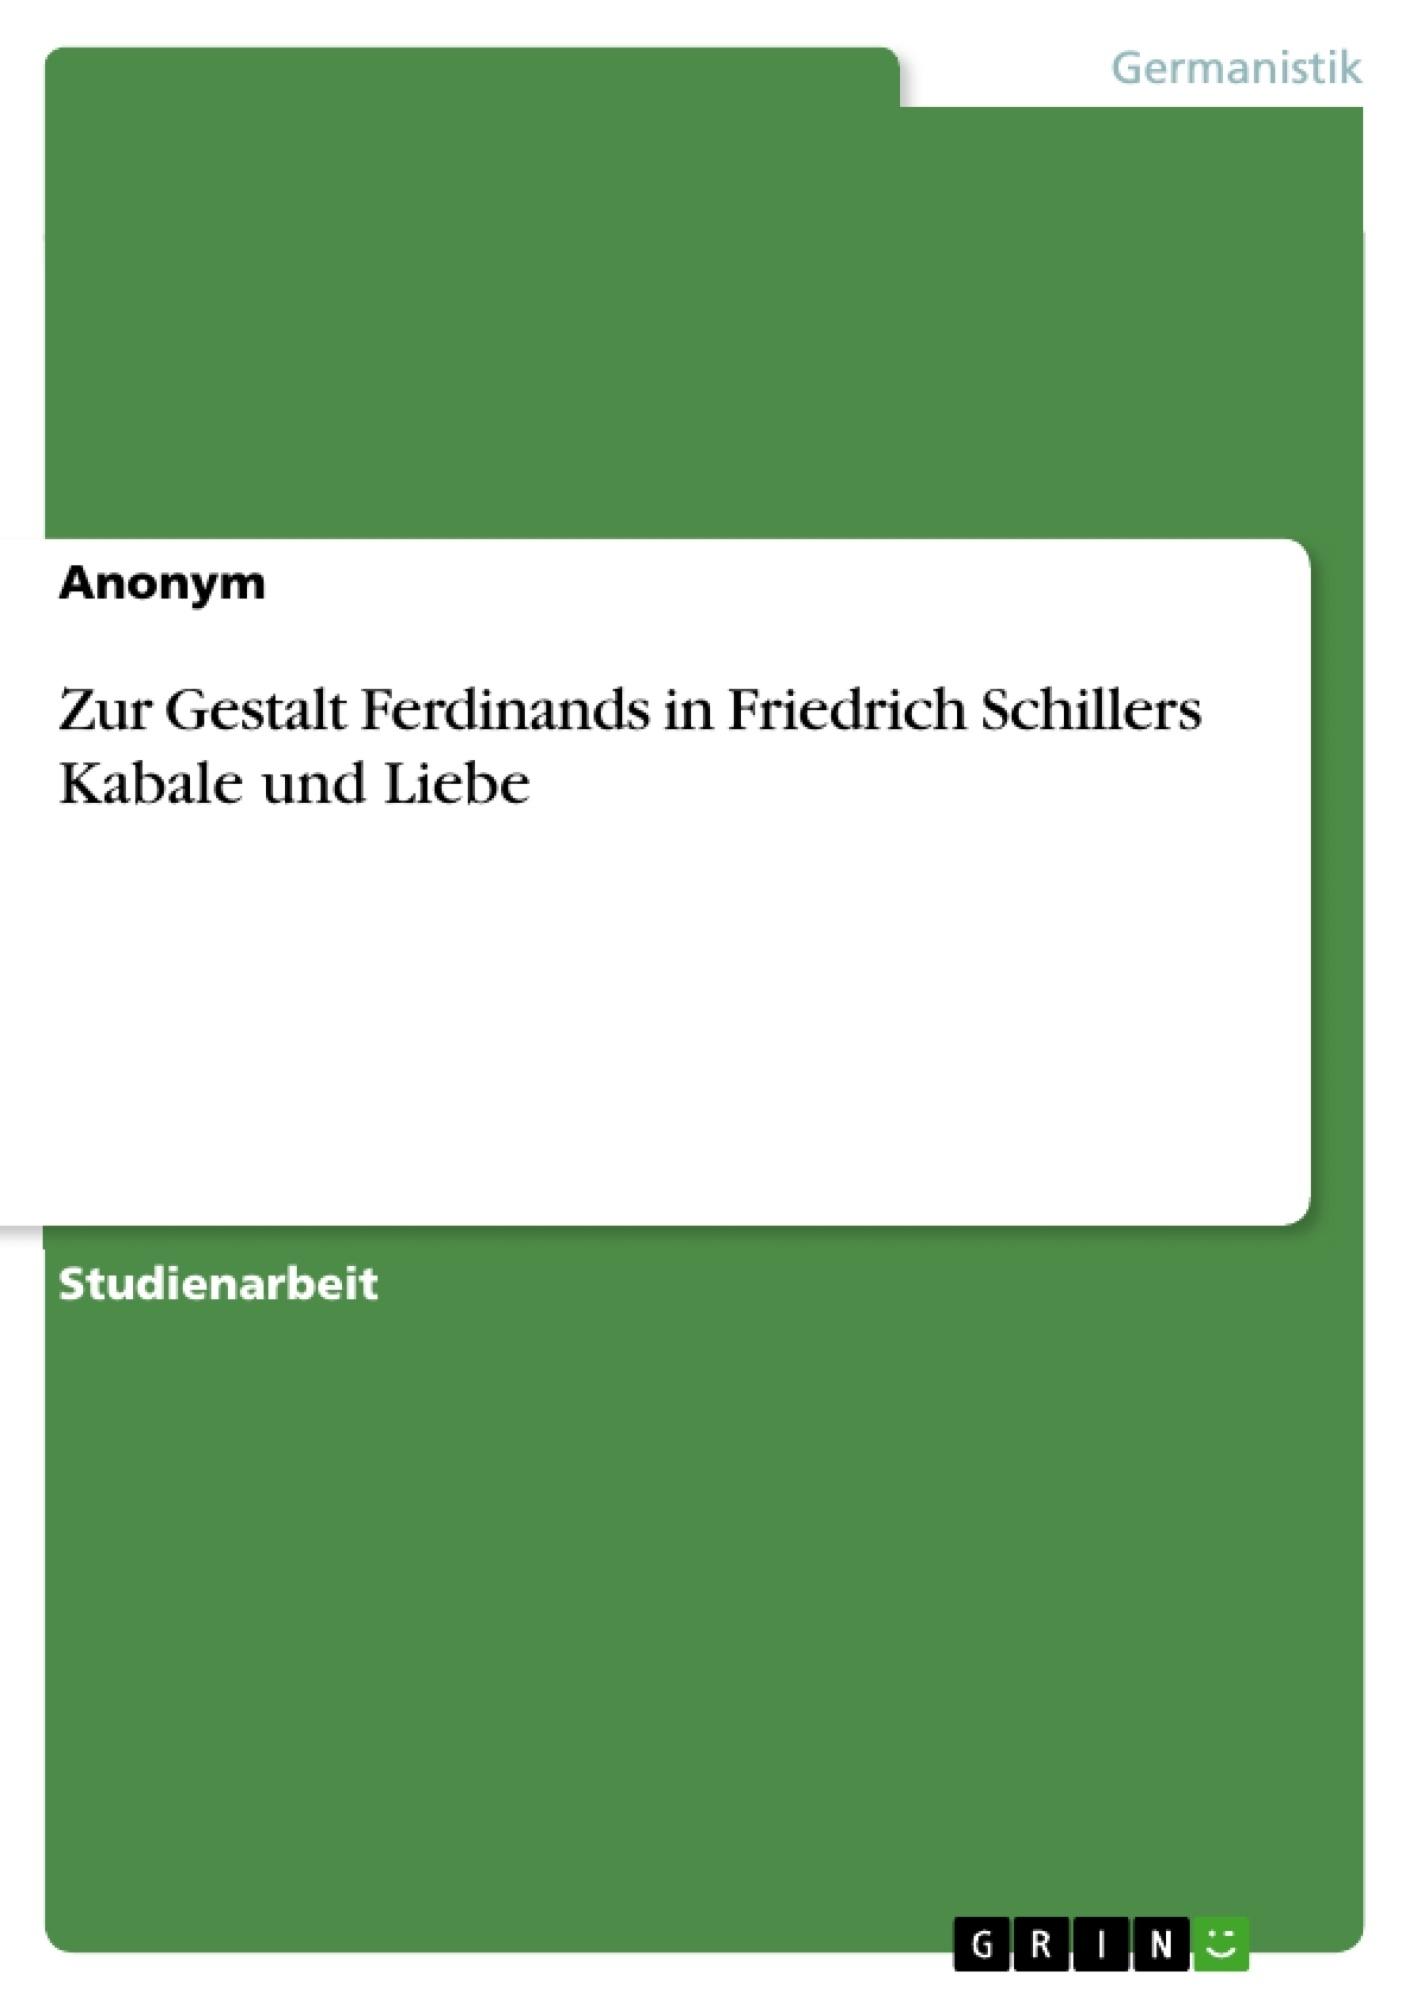 Titel: Zur Gestalt Ferdinands in Friedrich Schillers  Kabale und Liebe